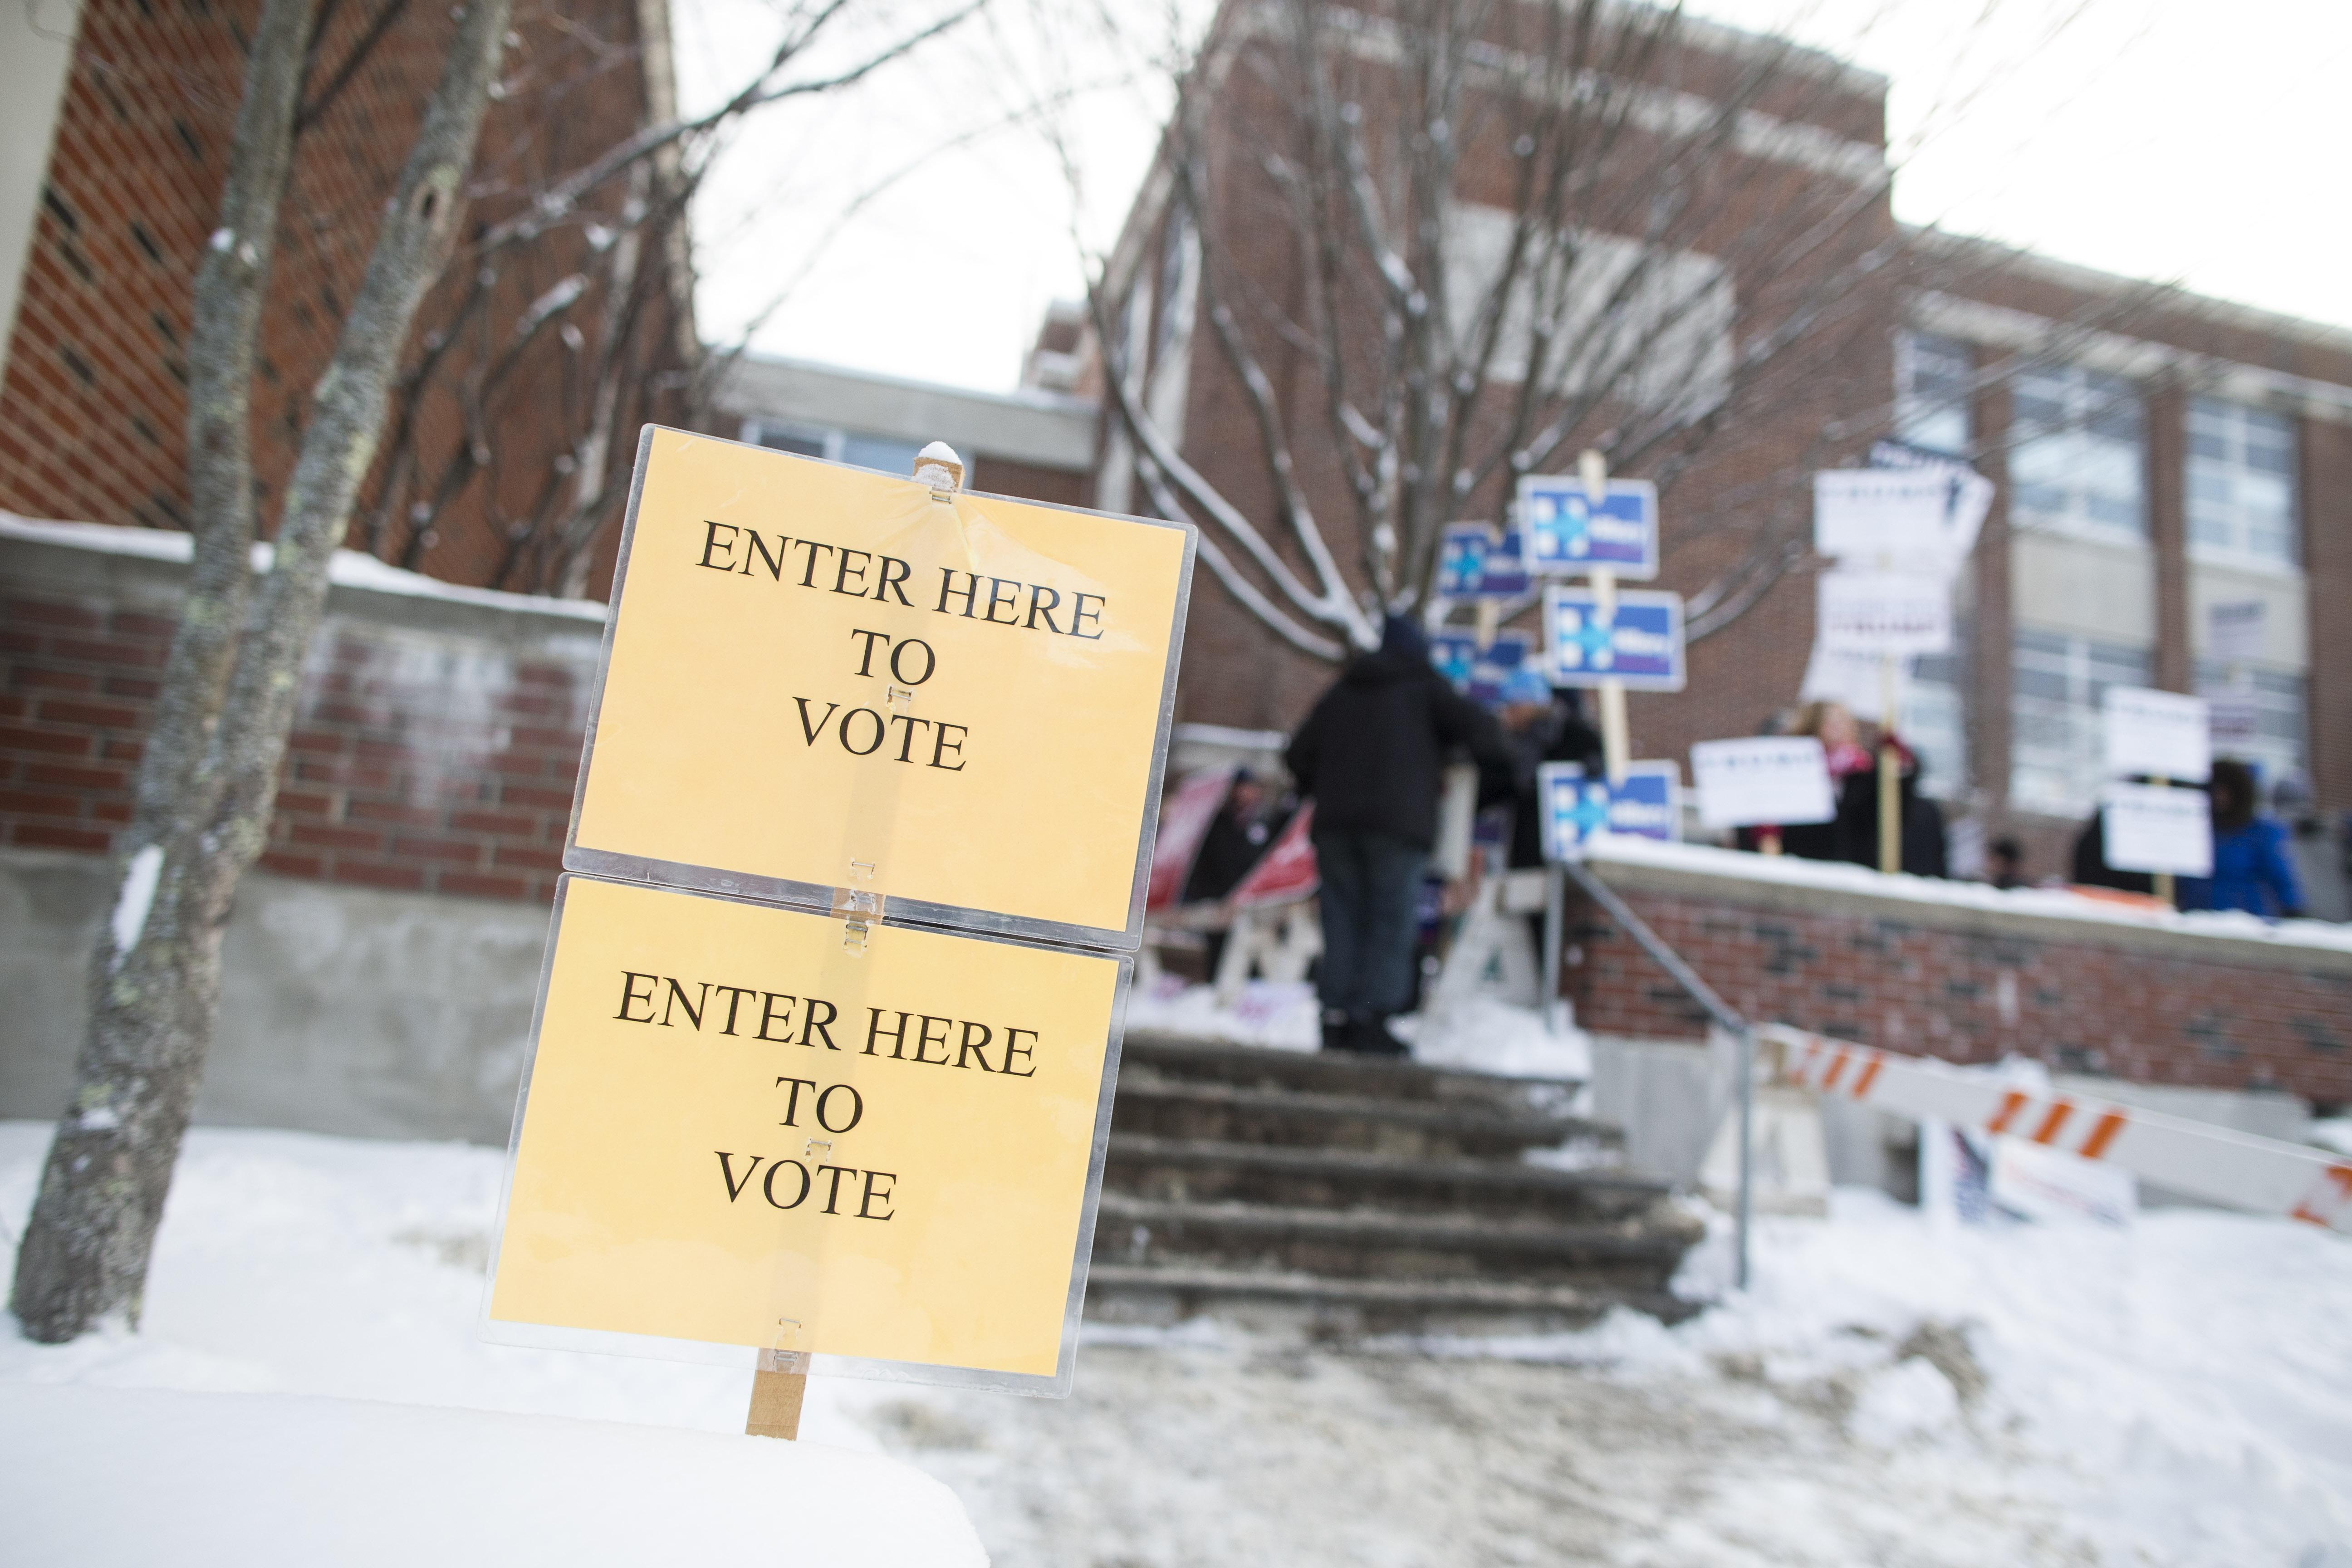 Los puestos de votación se abrieron muy temprano este martes en Nueva Hampshire. (Crédito: Scott Eisen/Getty Images)